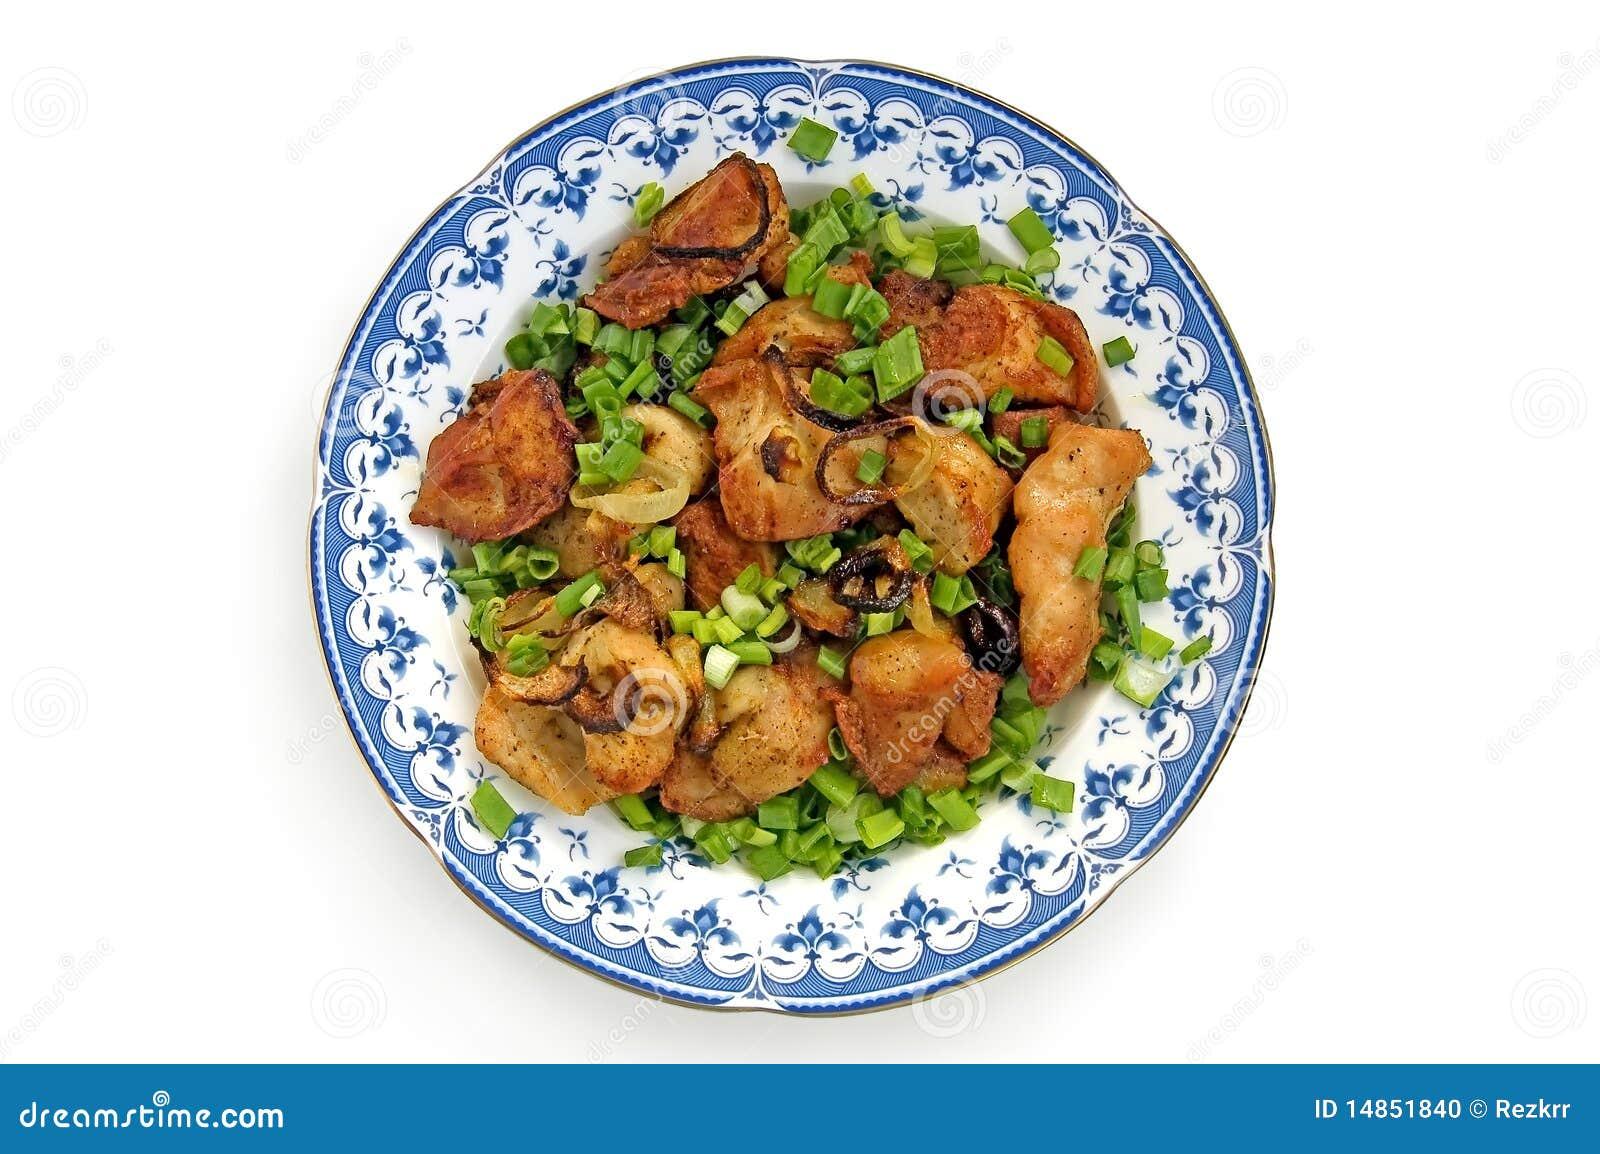 Chicken Fried_1